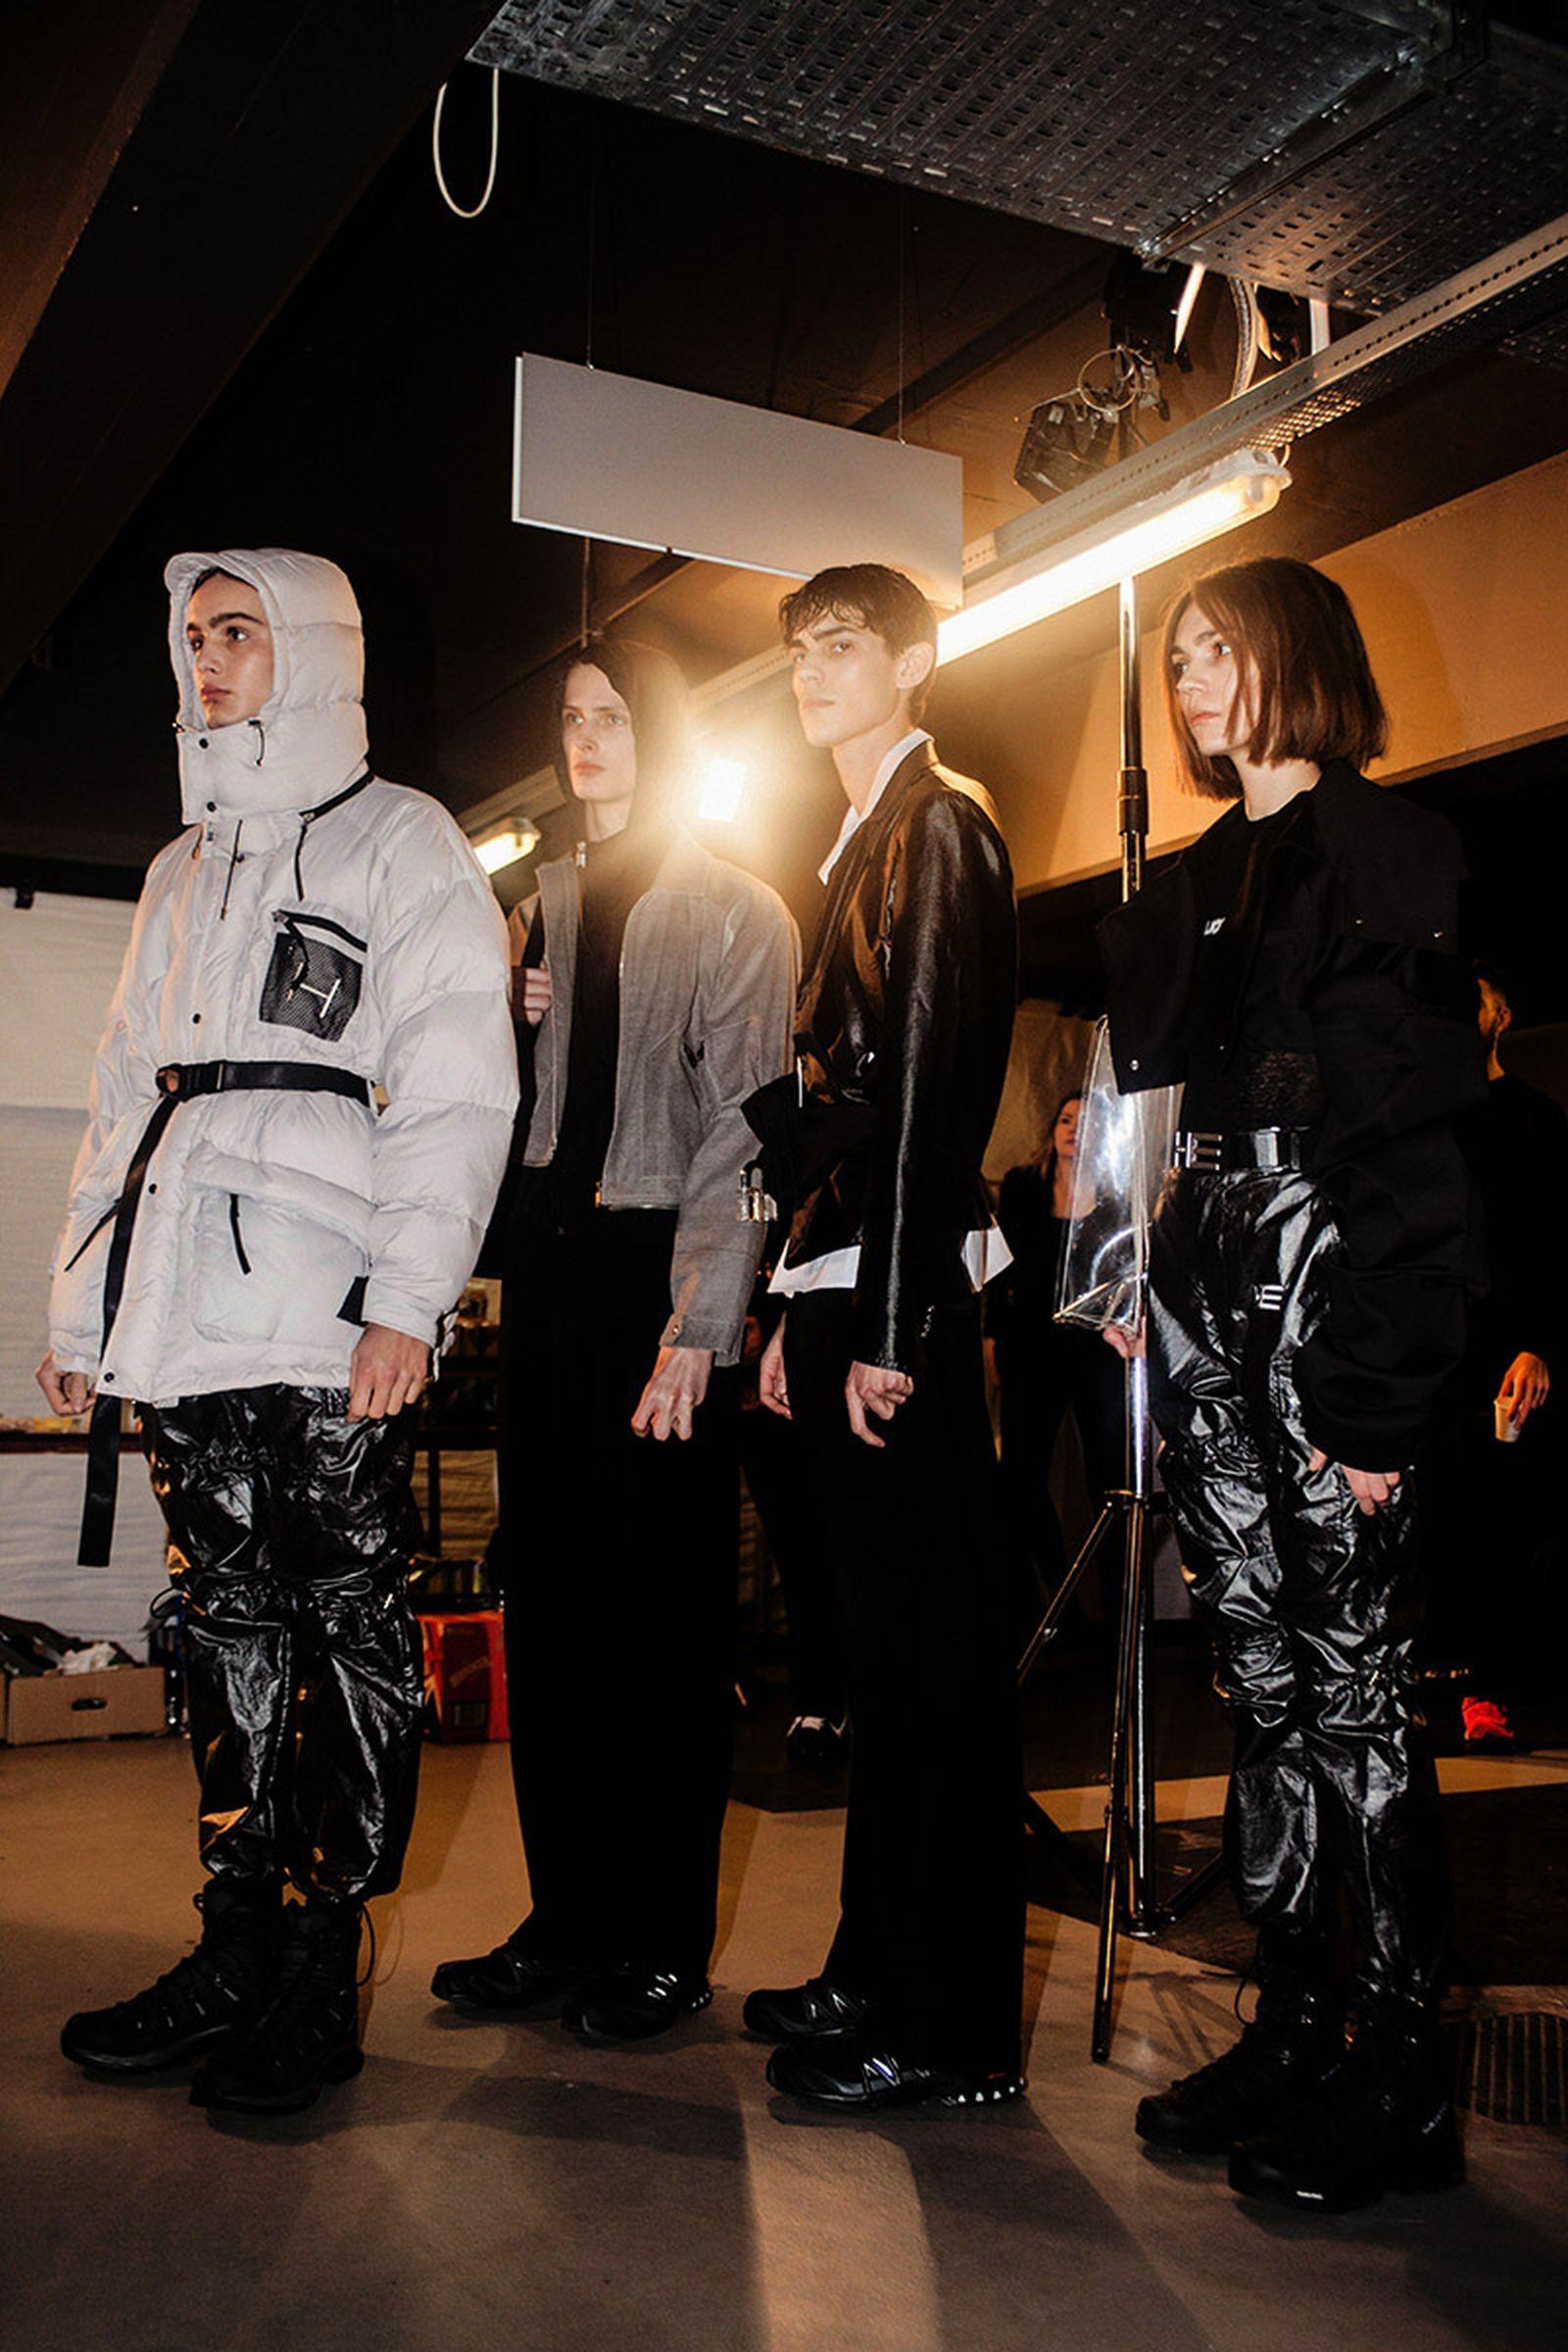 heliot emil fw18 Copenhagen Fashion Week runway